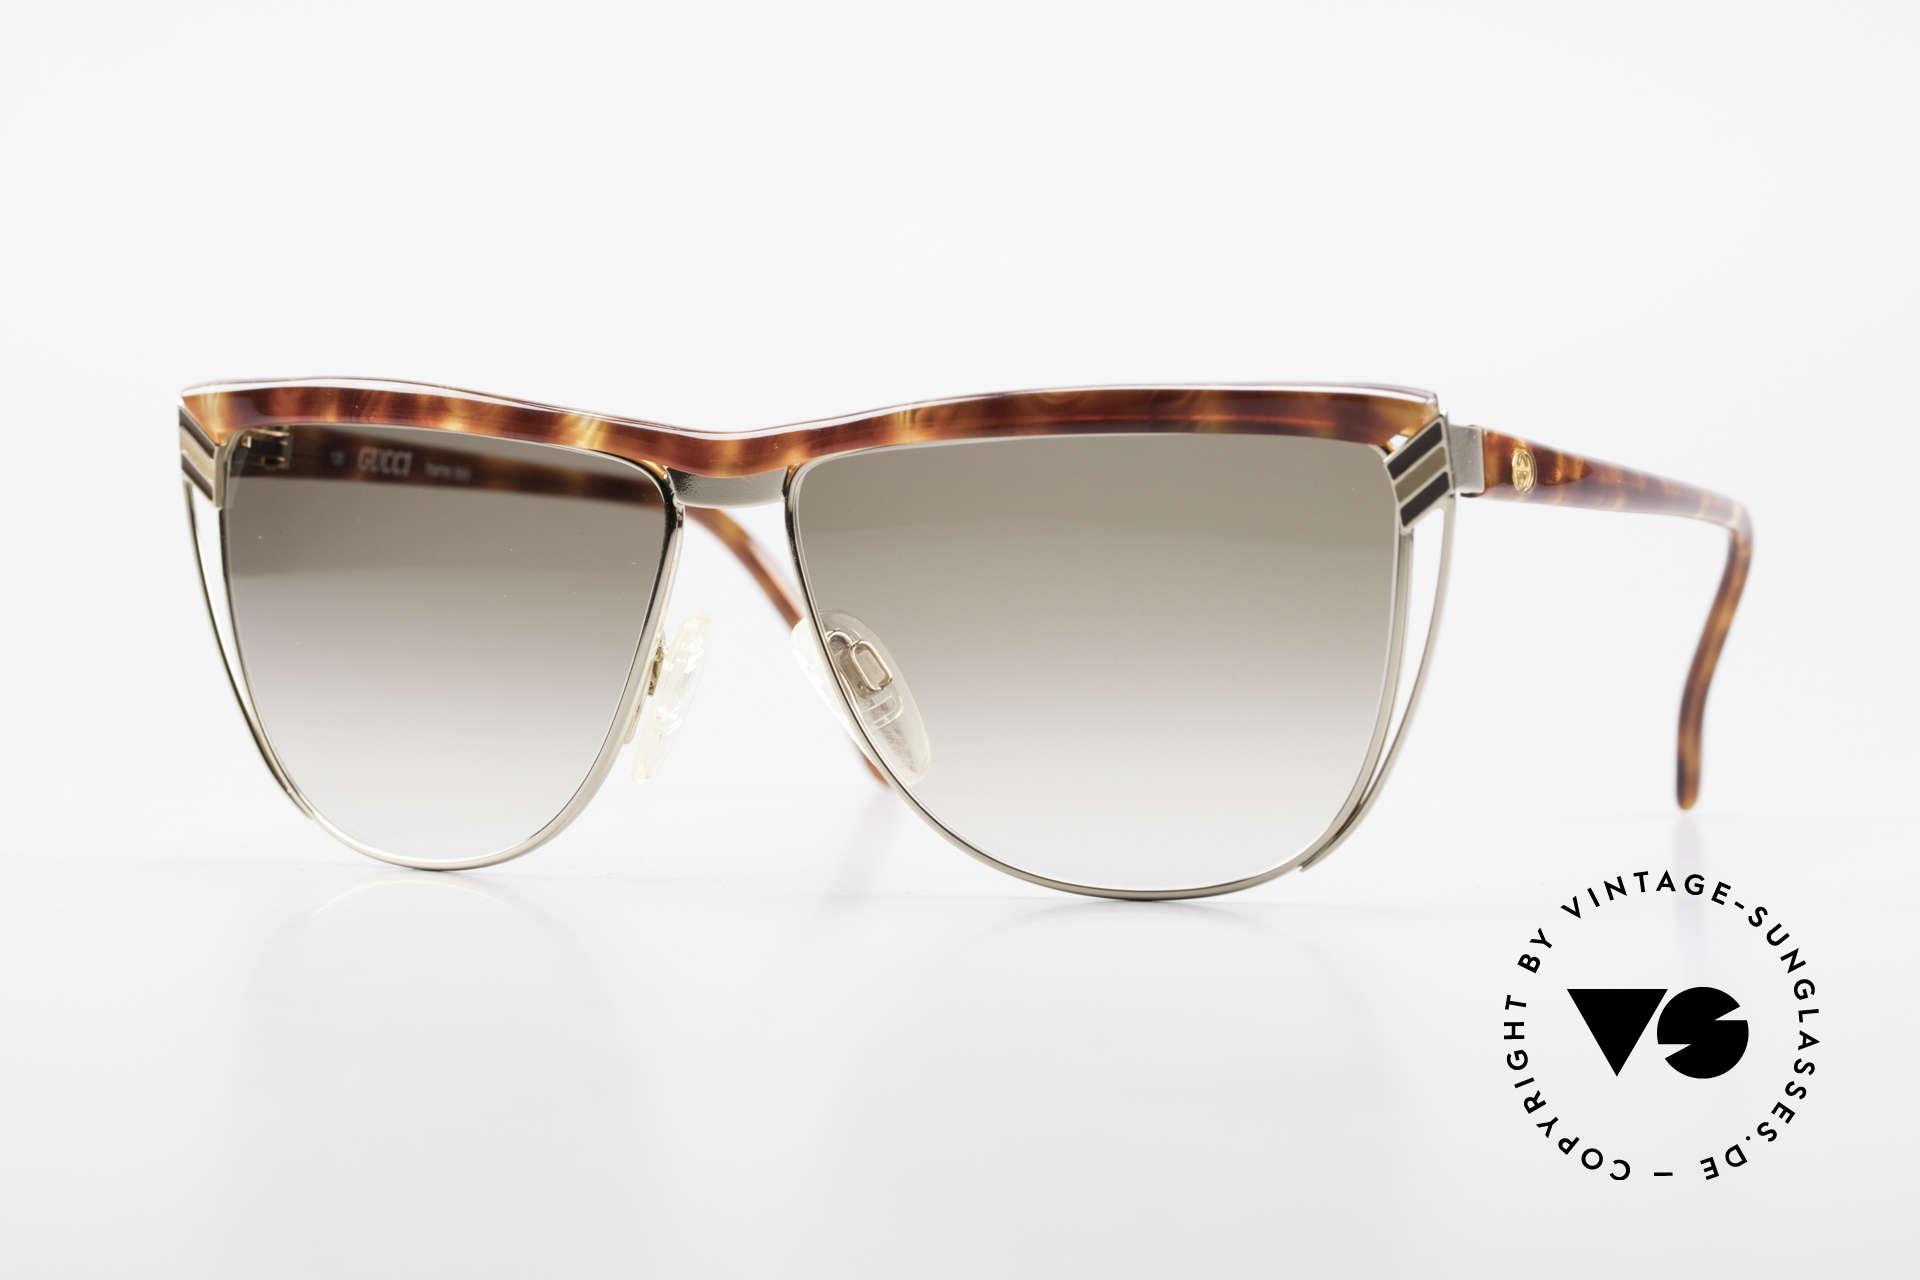 Gucci 2300 Damen Designer Sonnenbrille, vintage 1980er Brille von GUCCI in Schildpatt-Optik, Passend für Damen